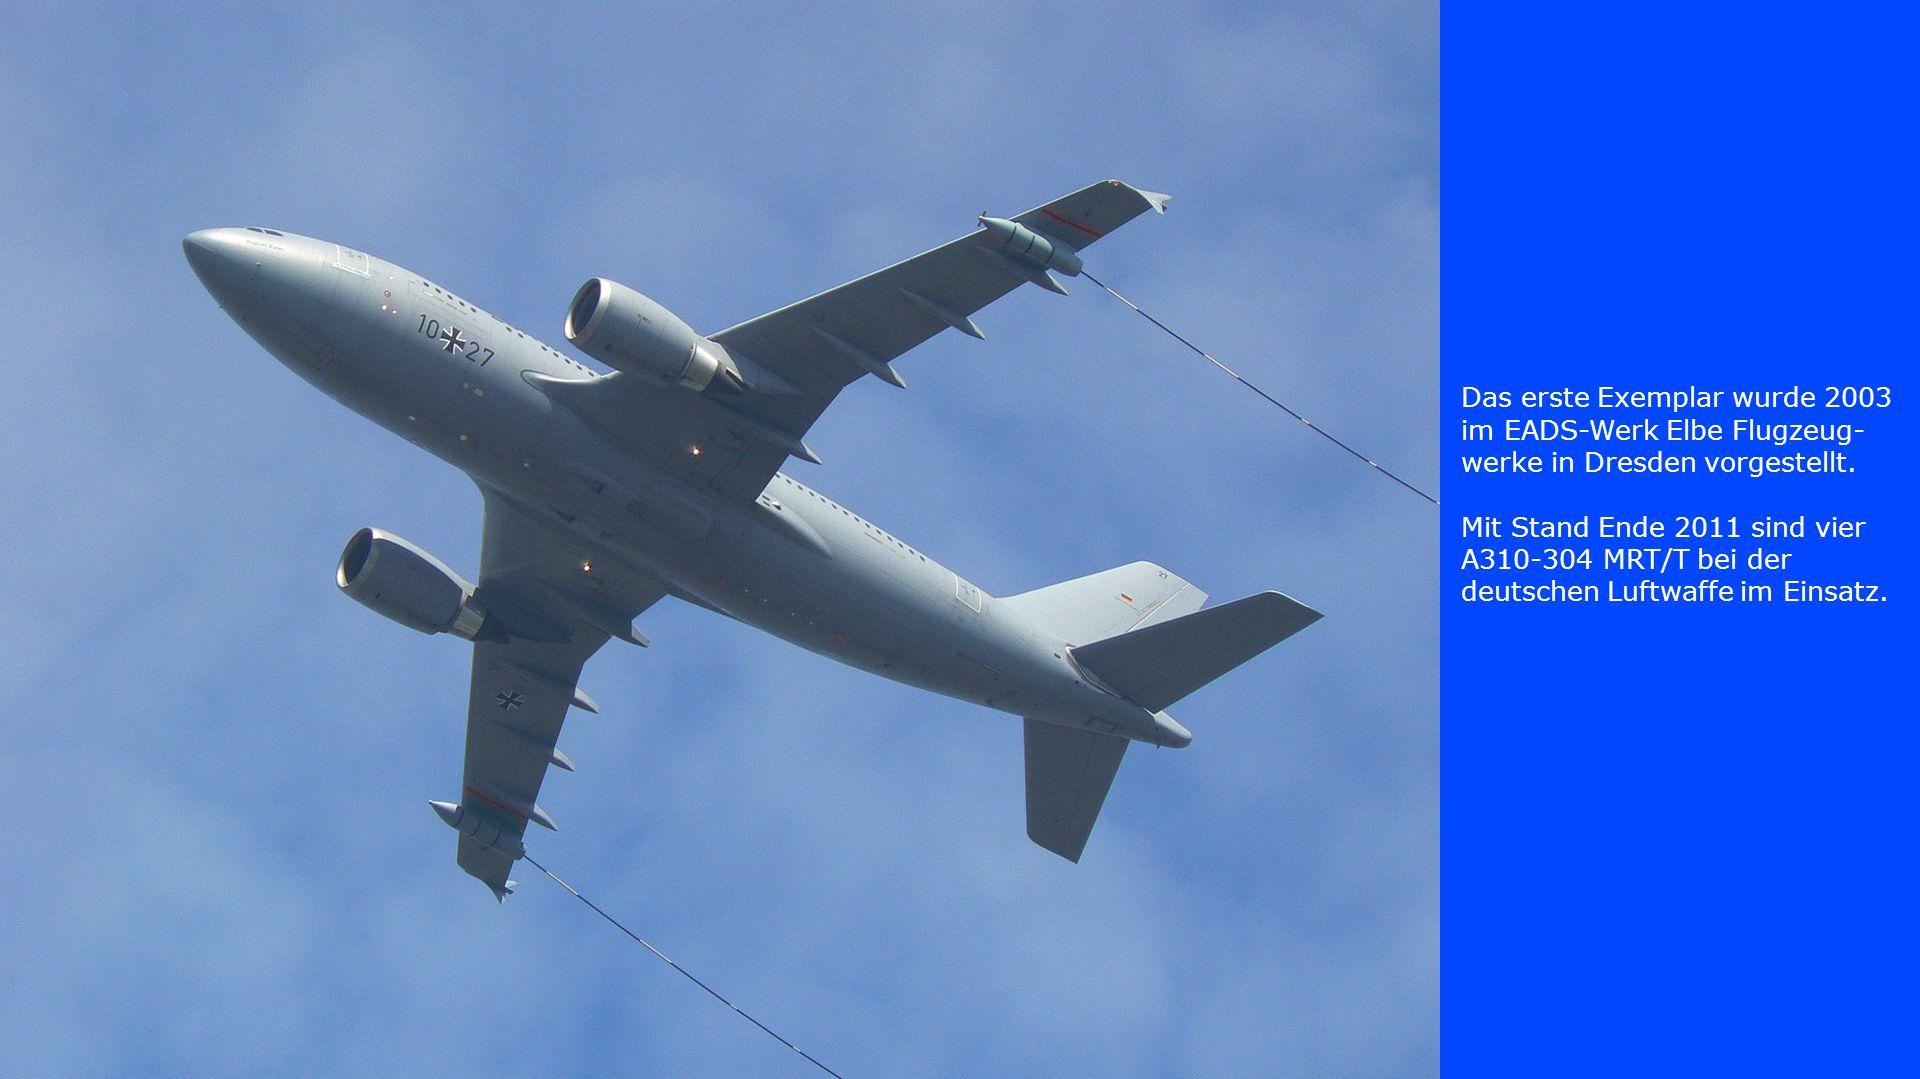 Das erste Exemplar wurde 2003 im EADS-Werk Elbe Flugzeug- werke in Dresden vorgestellt. Mit Stand Ende 2011 sind vier A310-304 MRT/T bei der deutschen